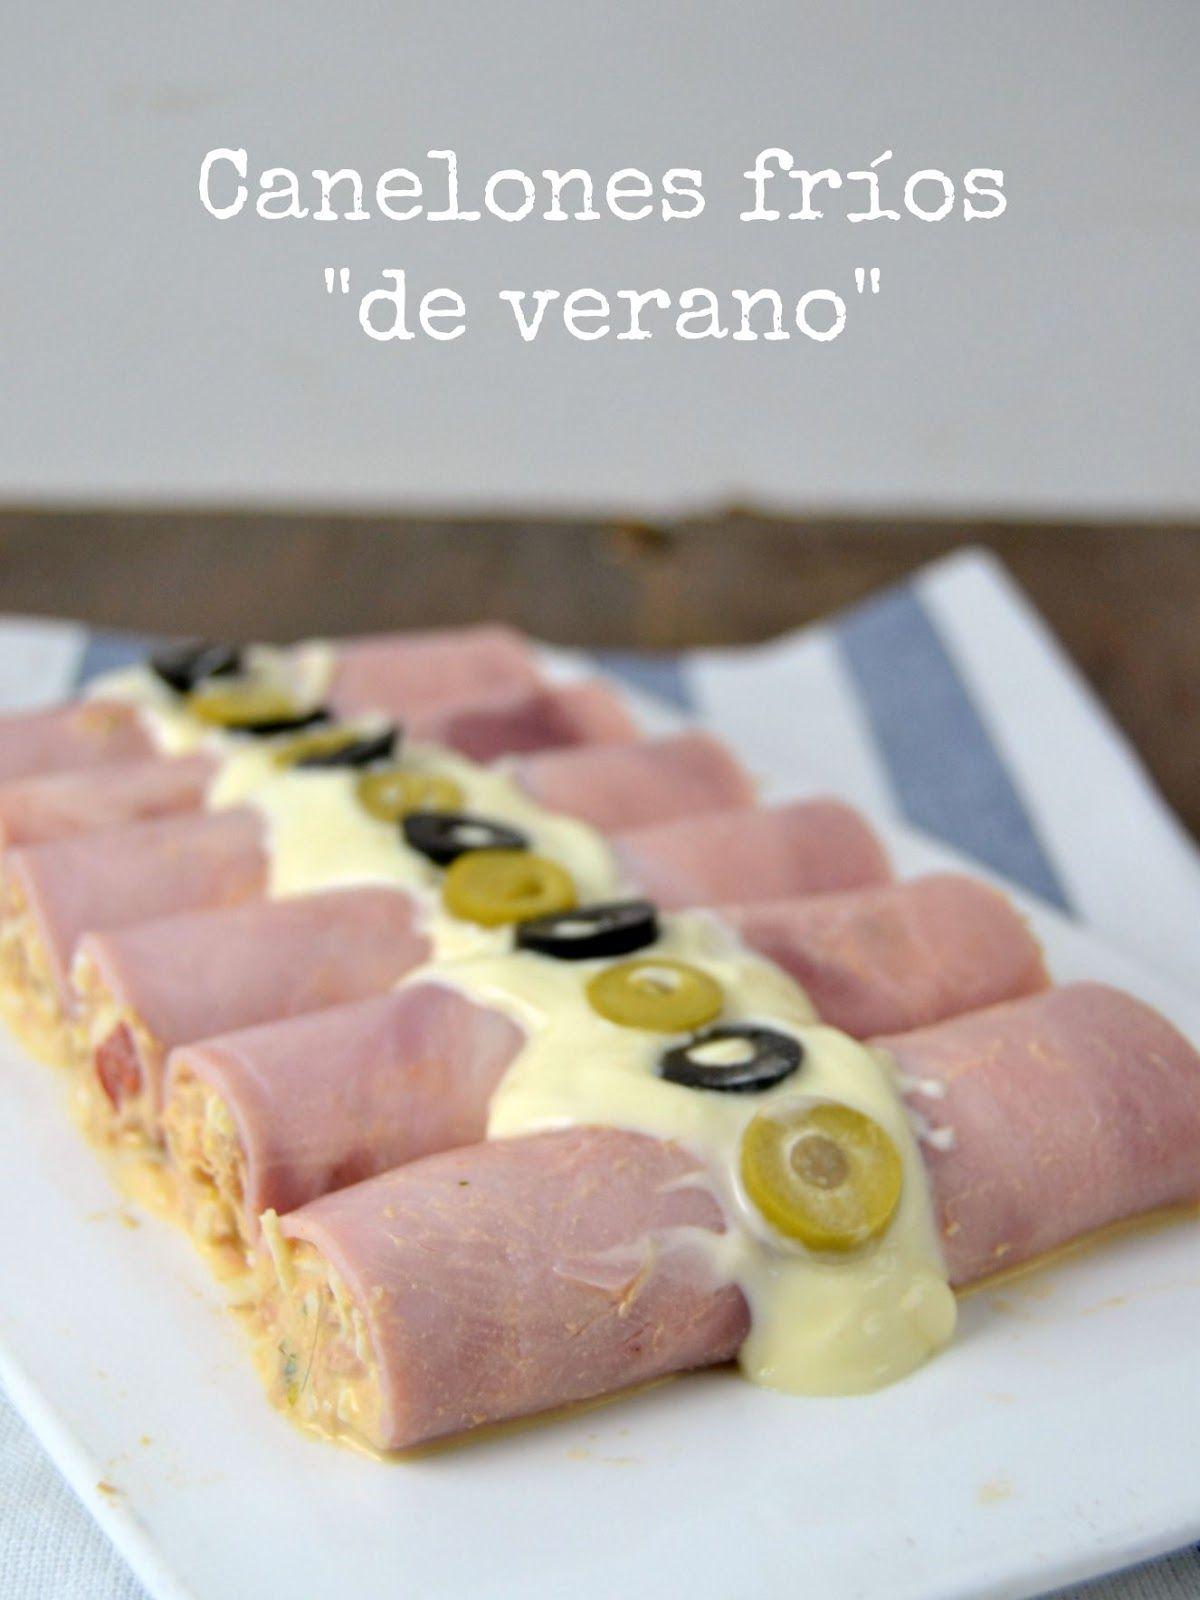 Cocina Verano   Canelones Frios De Verano Recetas De Cocina Pinterest